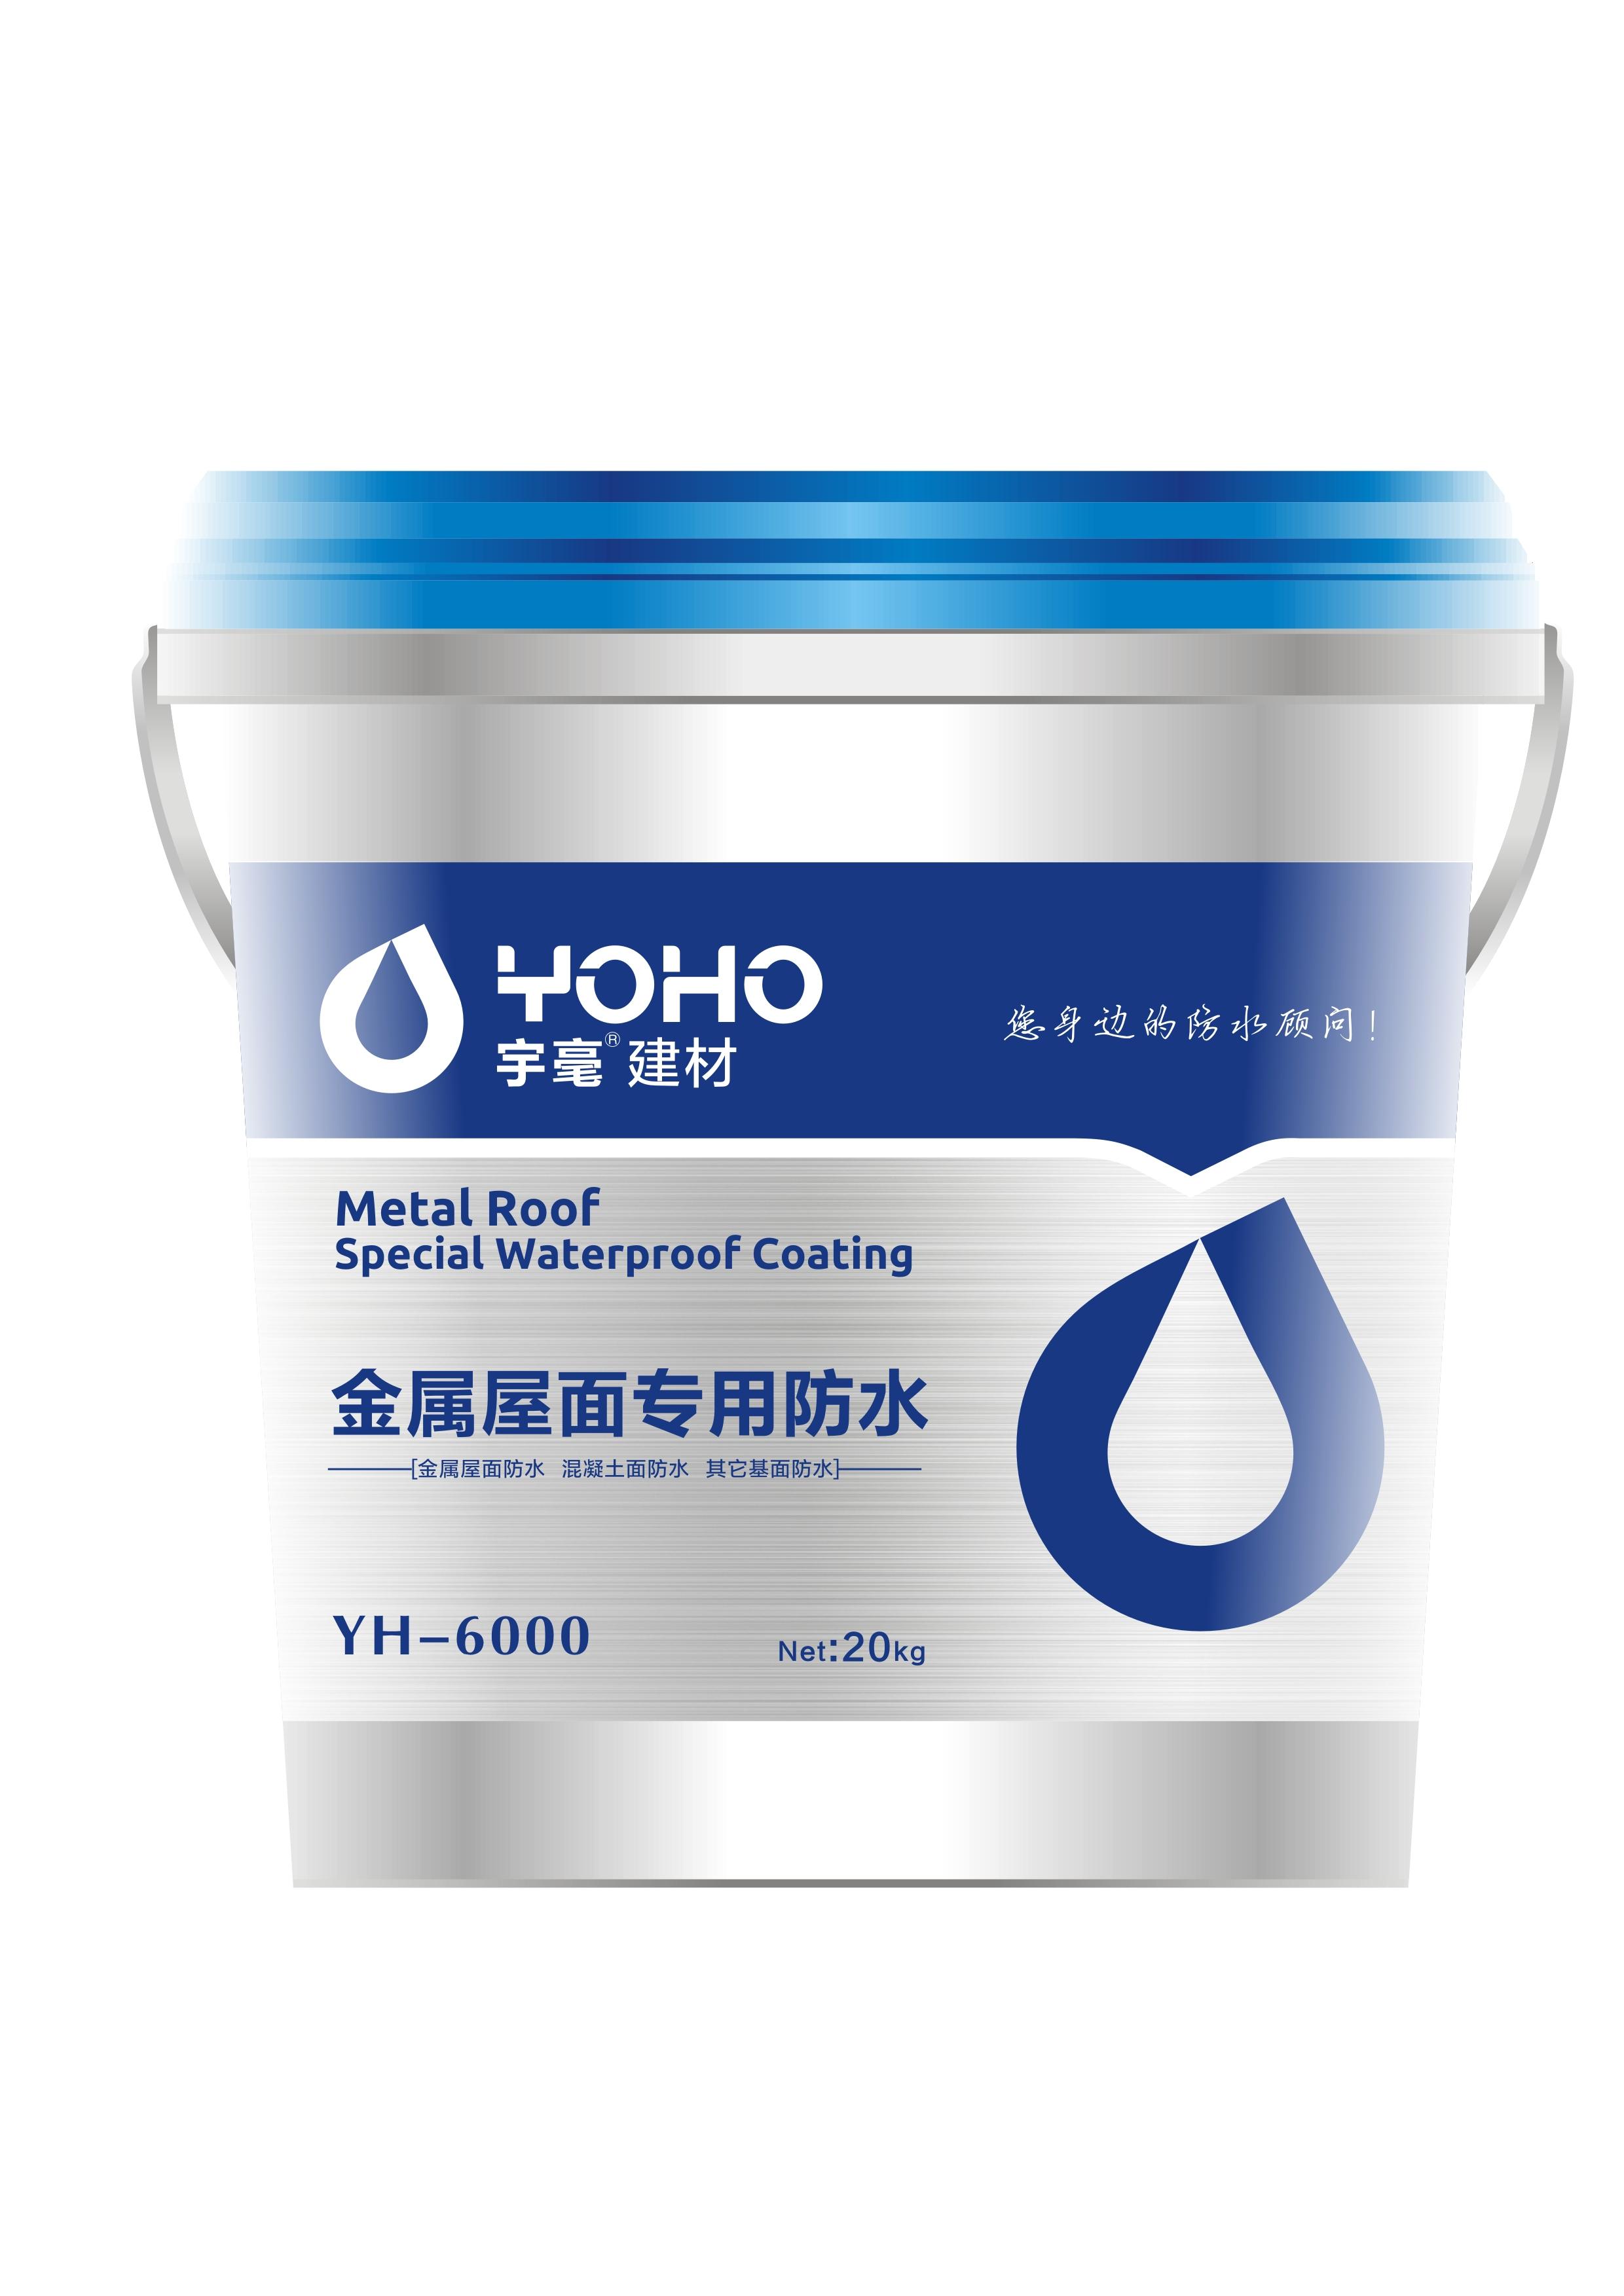 宇毫金属屋面专用防水涂料